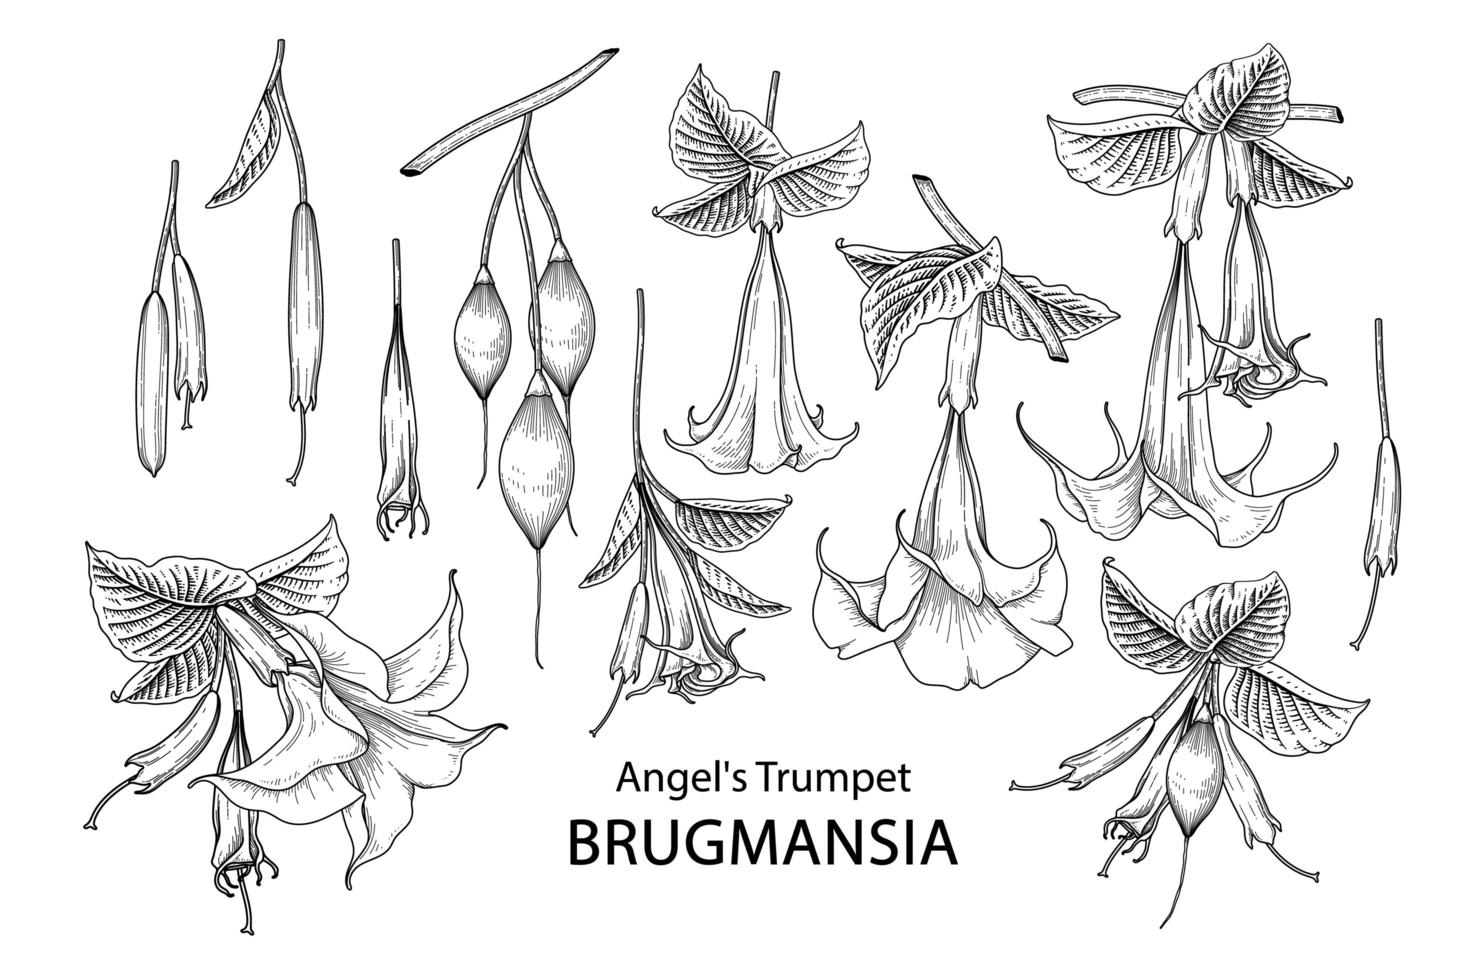 Engel Trompete Blume Brugmansia Zeichnungen Elemente Vektor. vektor